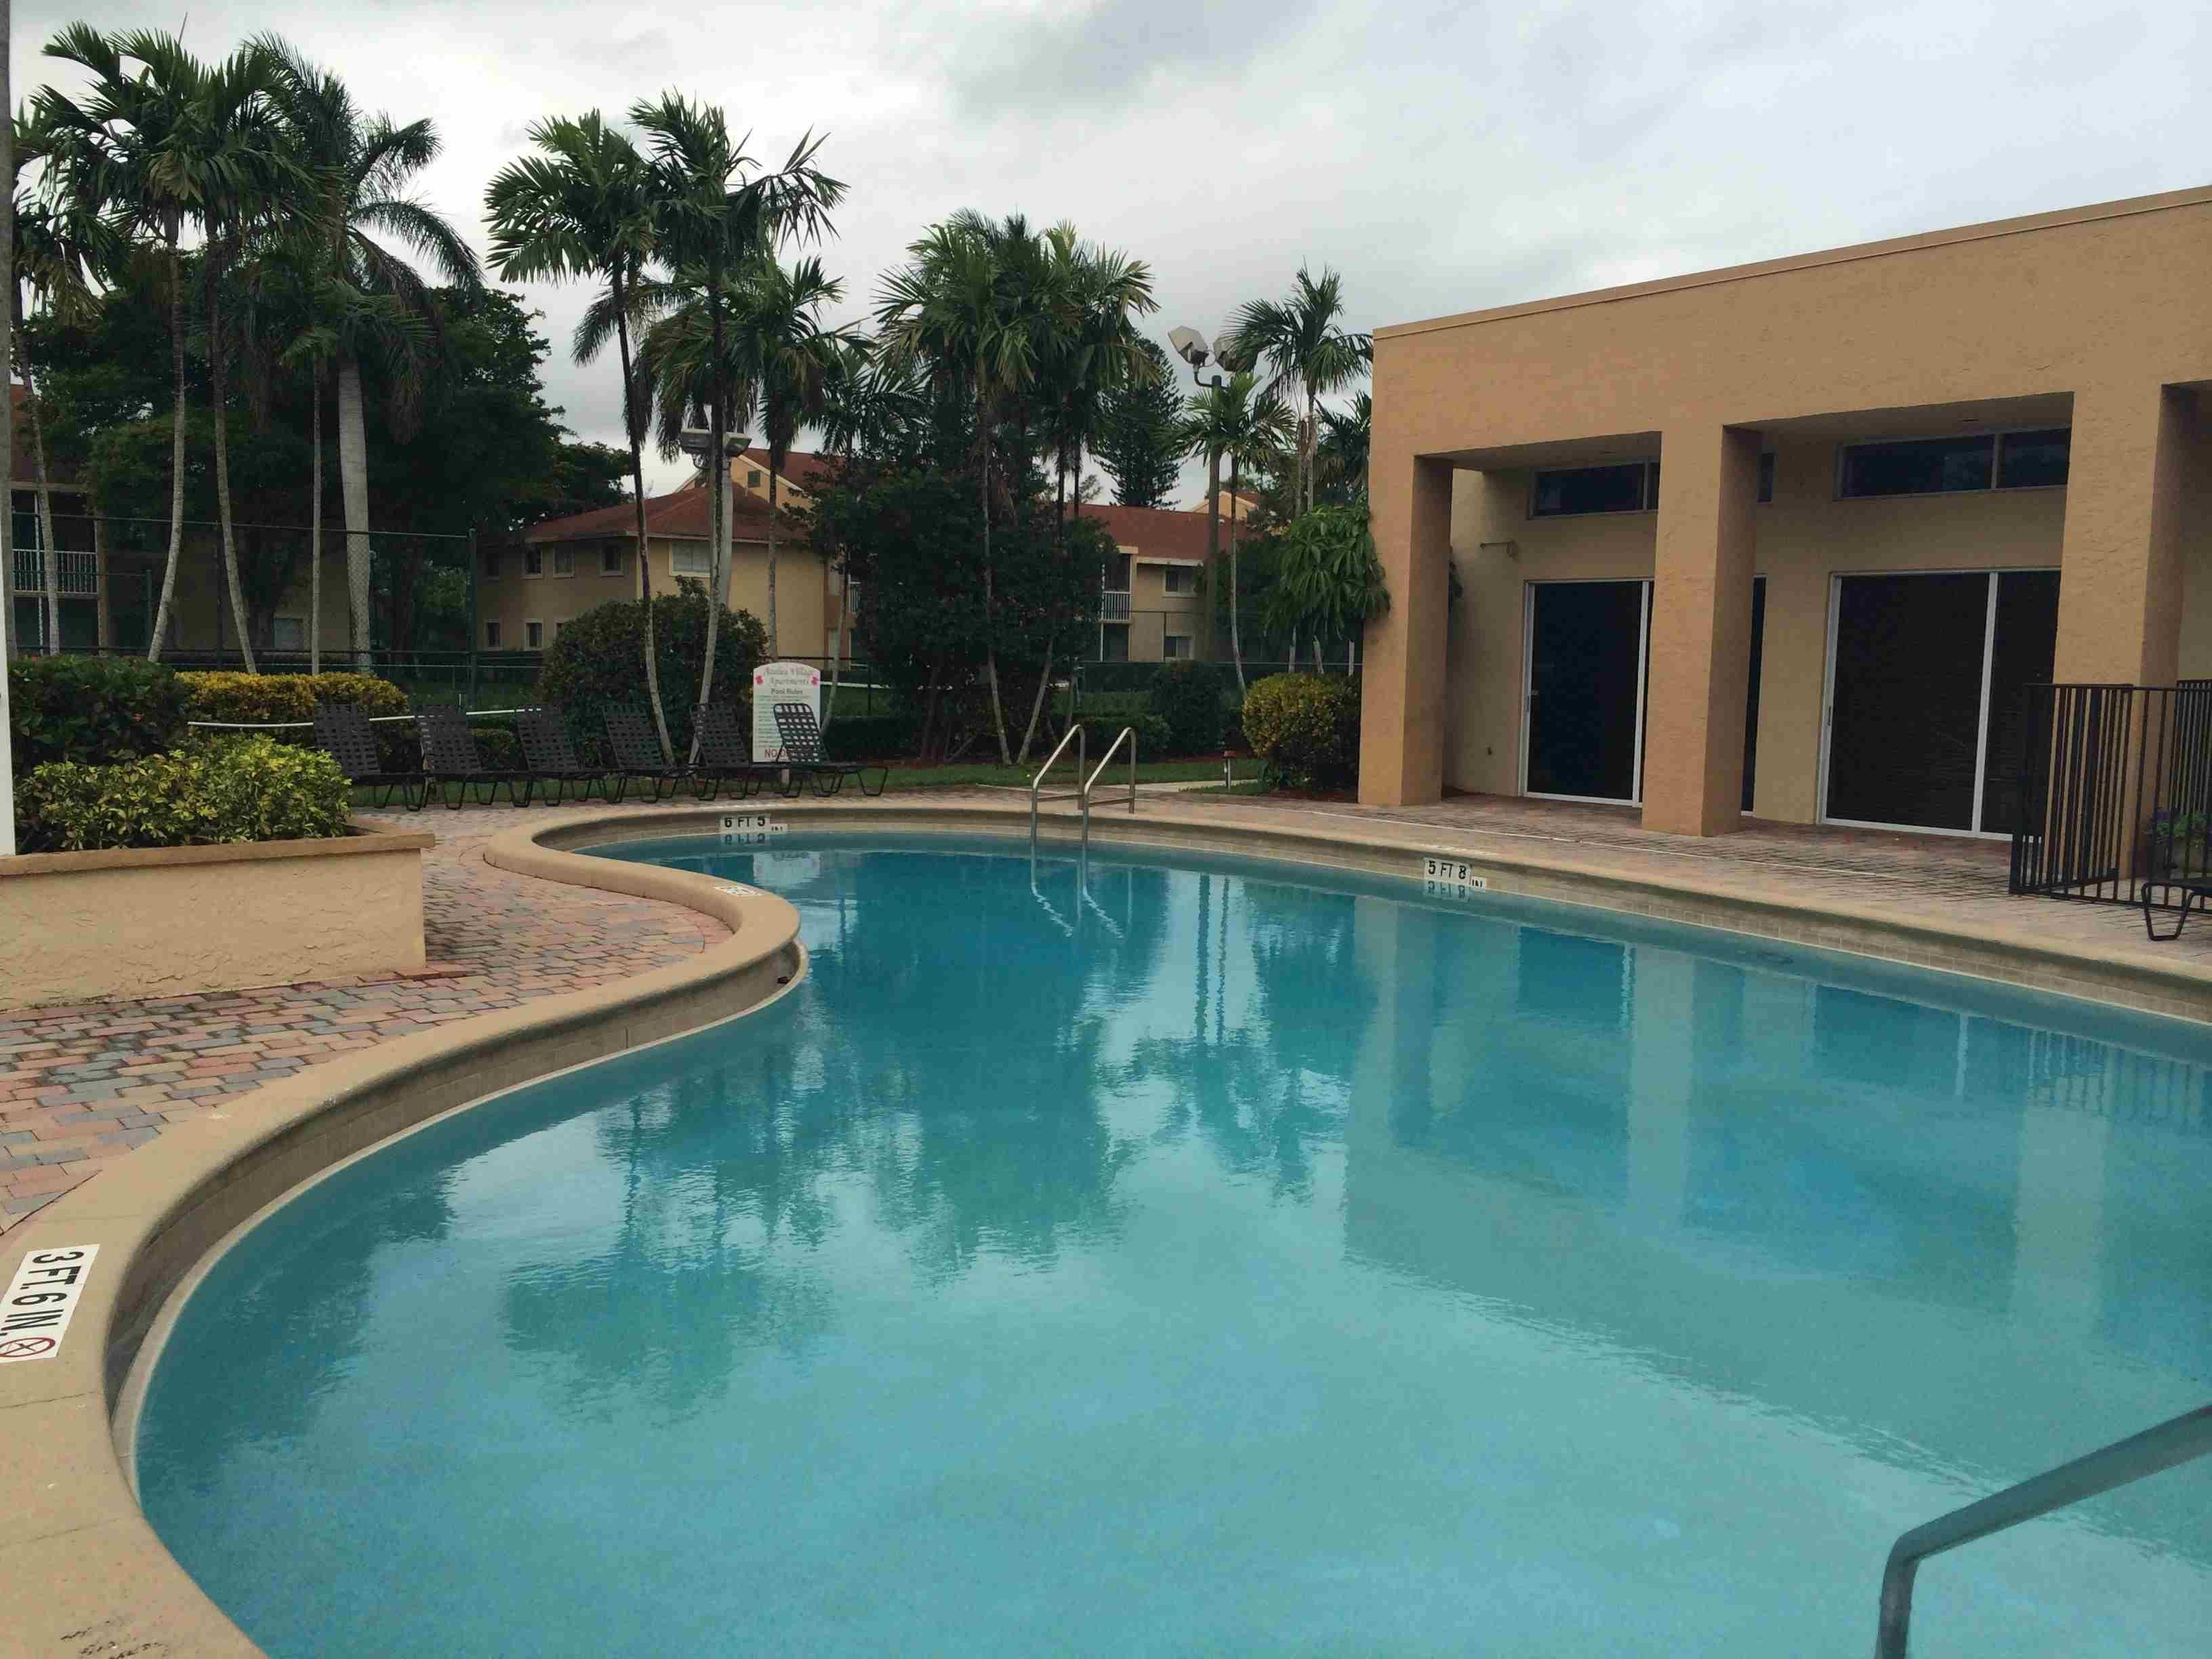 Florida - Estados Unidos US - Viagem Volta ao Mundo - Just Go #JustGo